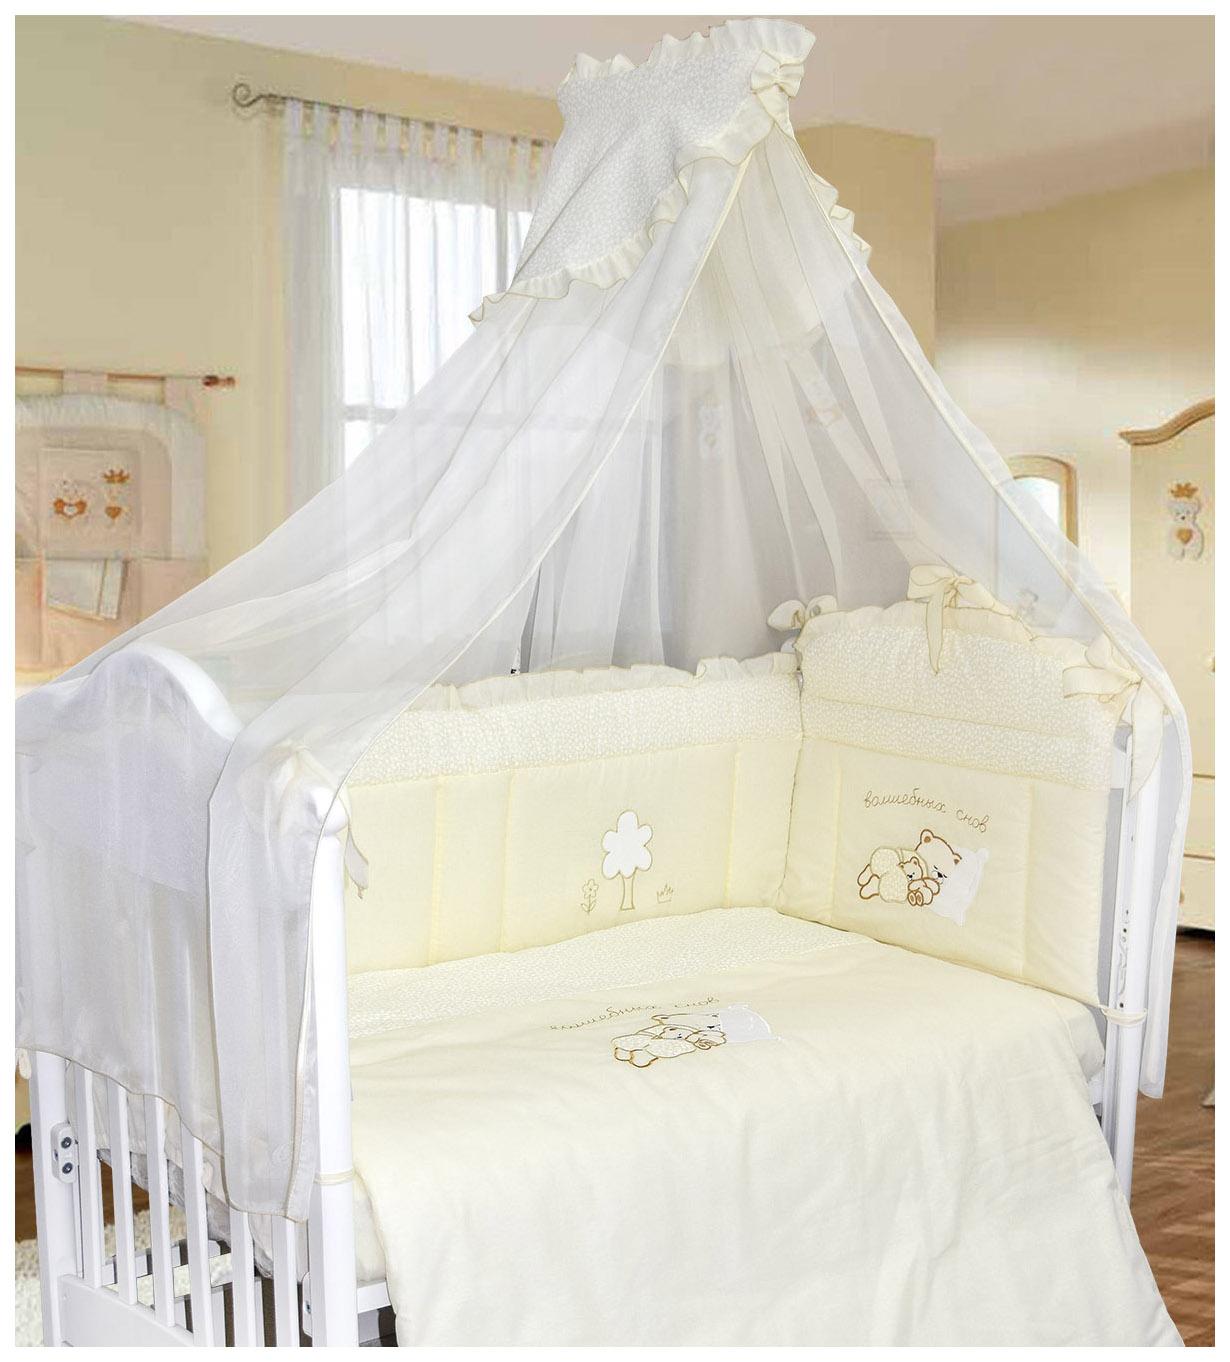 Купить BOMBUS Комплект в кроватку Волшебных снов (цвет: бежевый, 7 предметов) 5493, Комплекты детского постельного белья